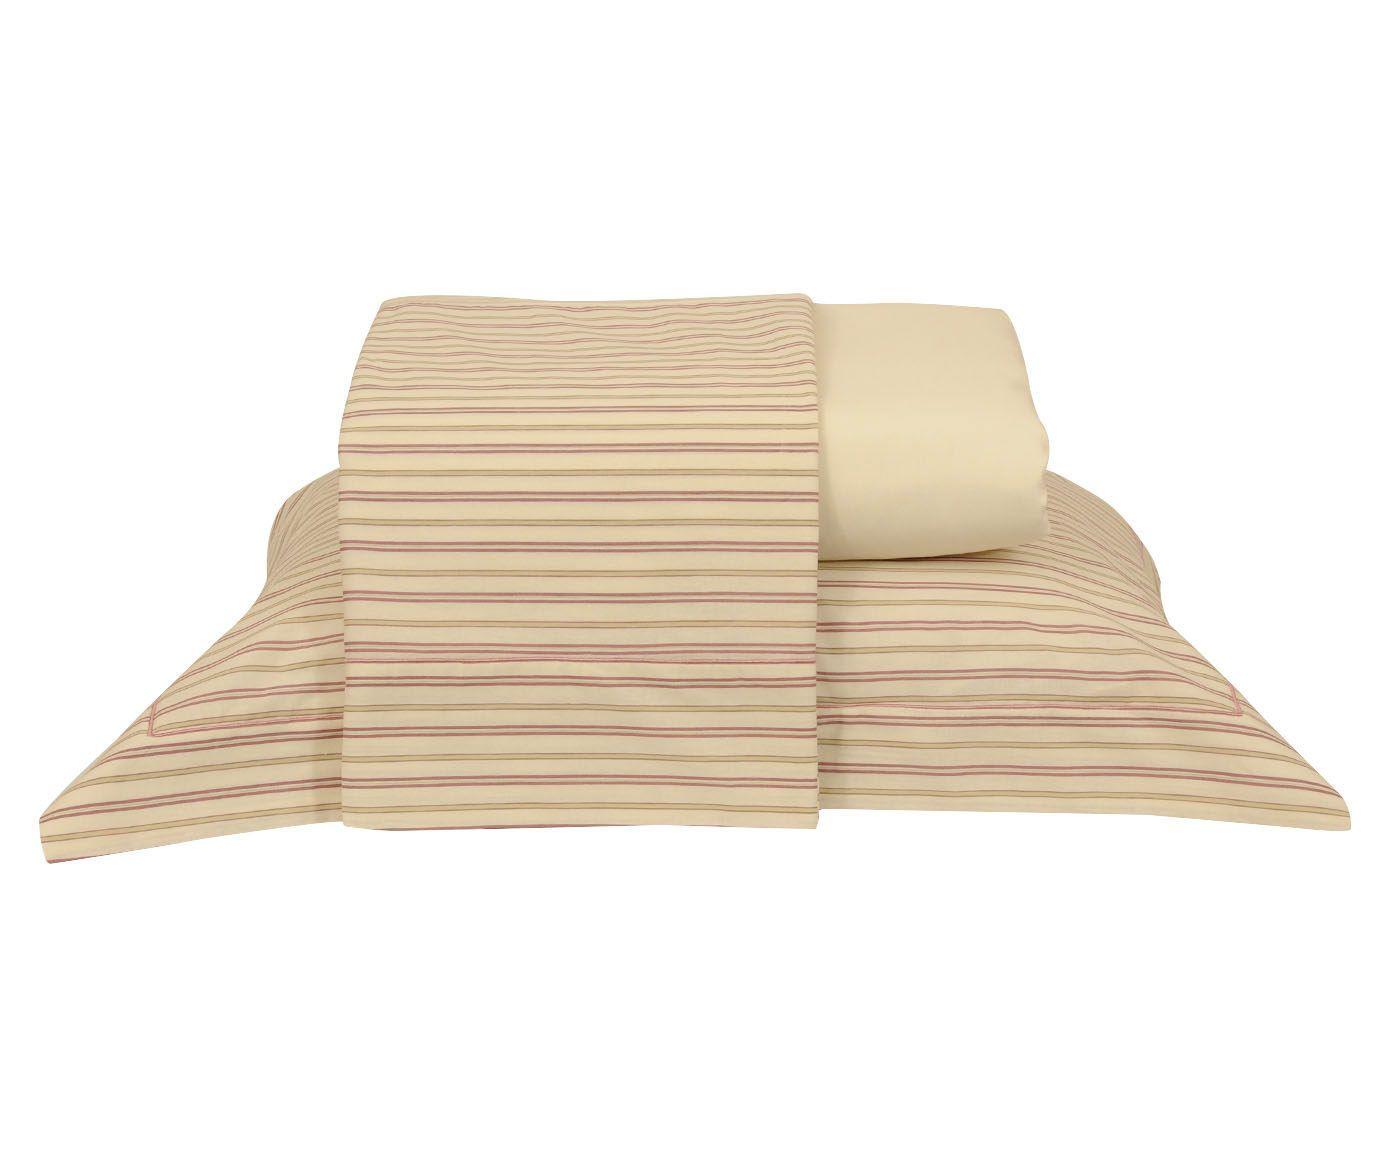 Jogo de lençol flower para cama king size 150 fios | Westwing.com.br